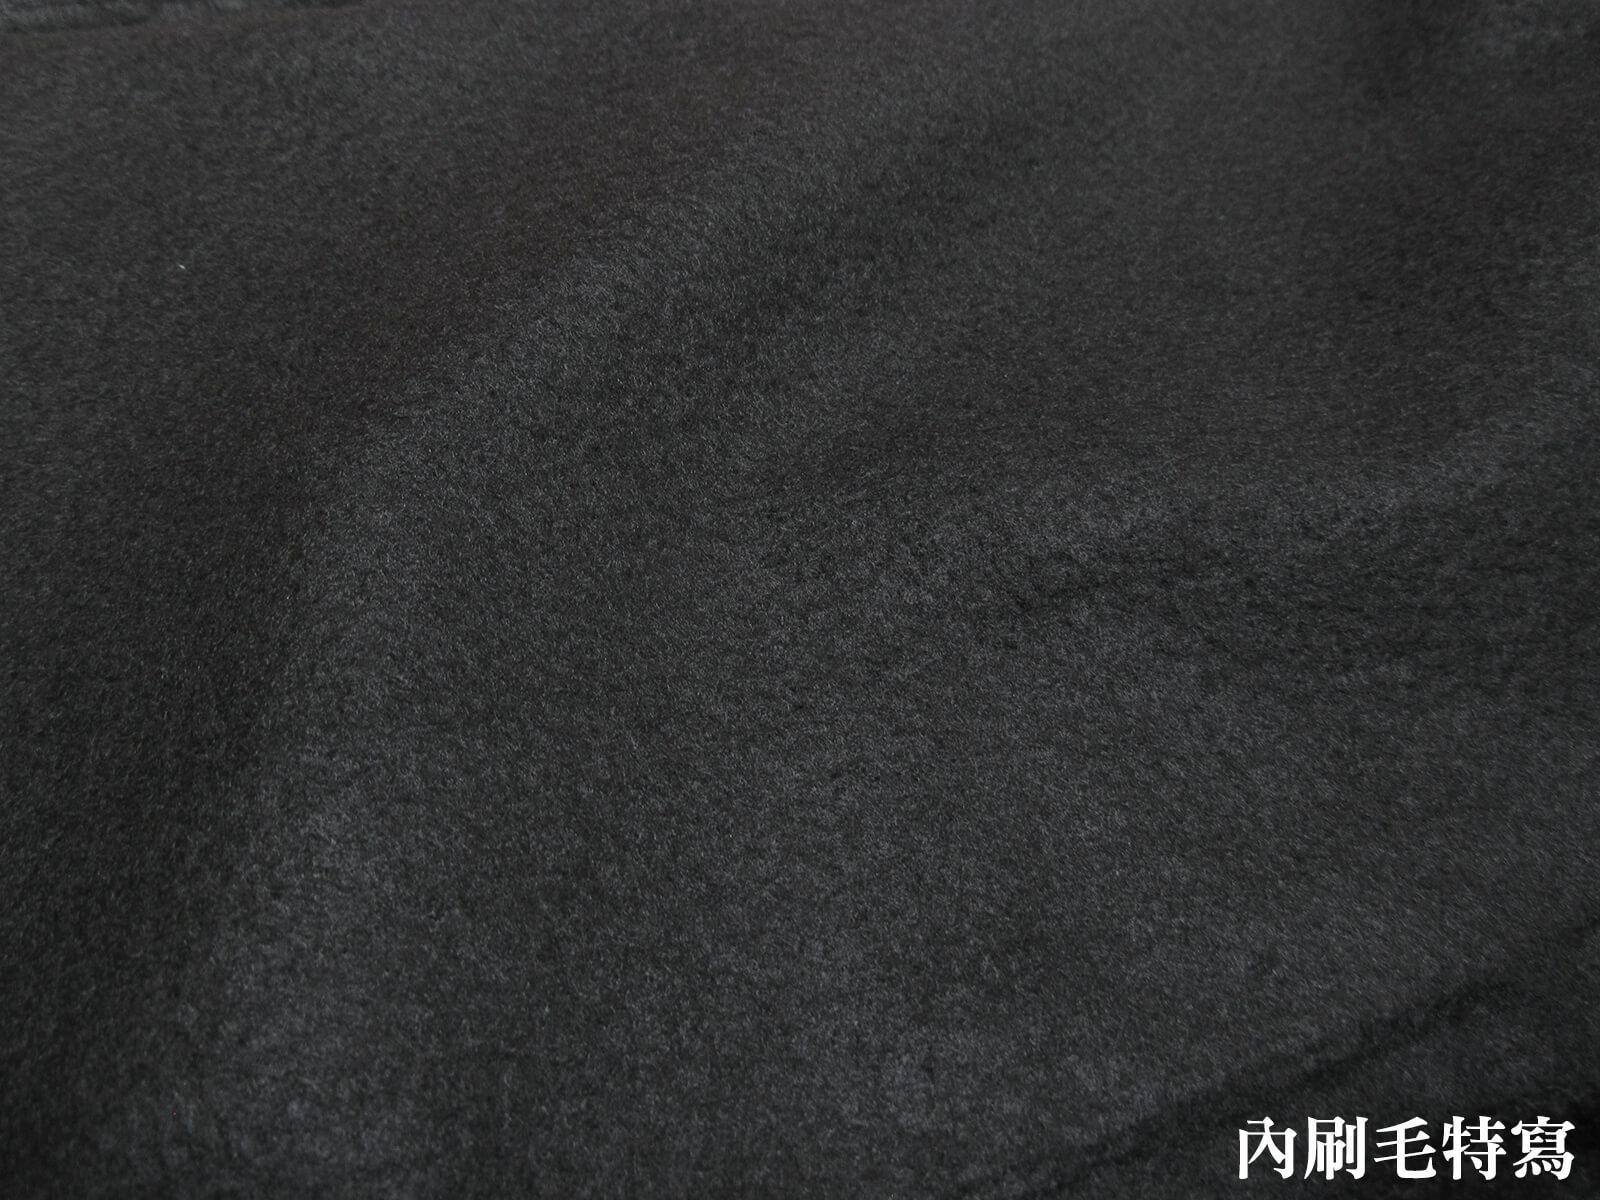 厚刷毛中直筒保暖長褲 熱銷保暖刷毛褲 牛仔褲版型保暖褲 彈性休閒長褲 腰圍有皮帶環(褲耳) 褲檔有拉鍊 黑色長褲(307-7030-10)墨綠(7029-21)黑色 腰圍:M L XL 2L 3L 4L 5L(28~41英吋) [實體店面保障] sun-e 1